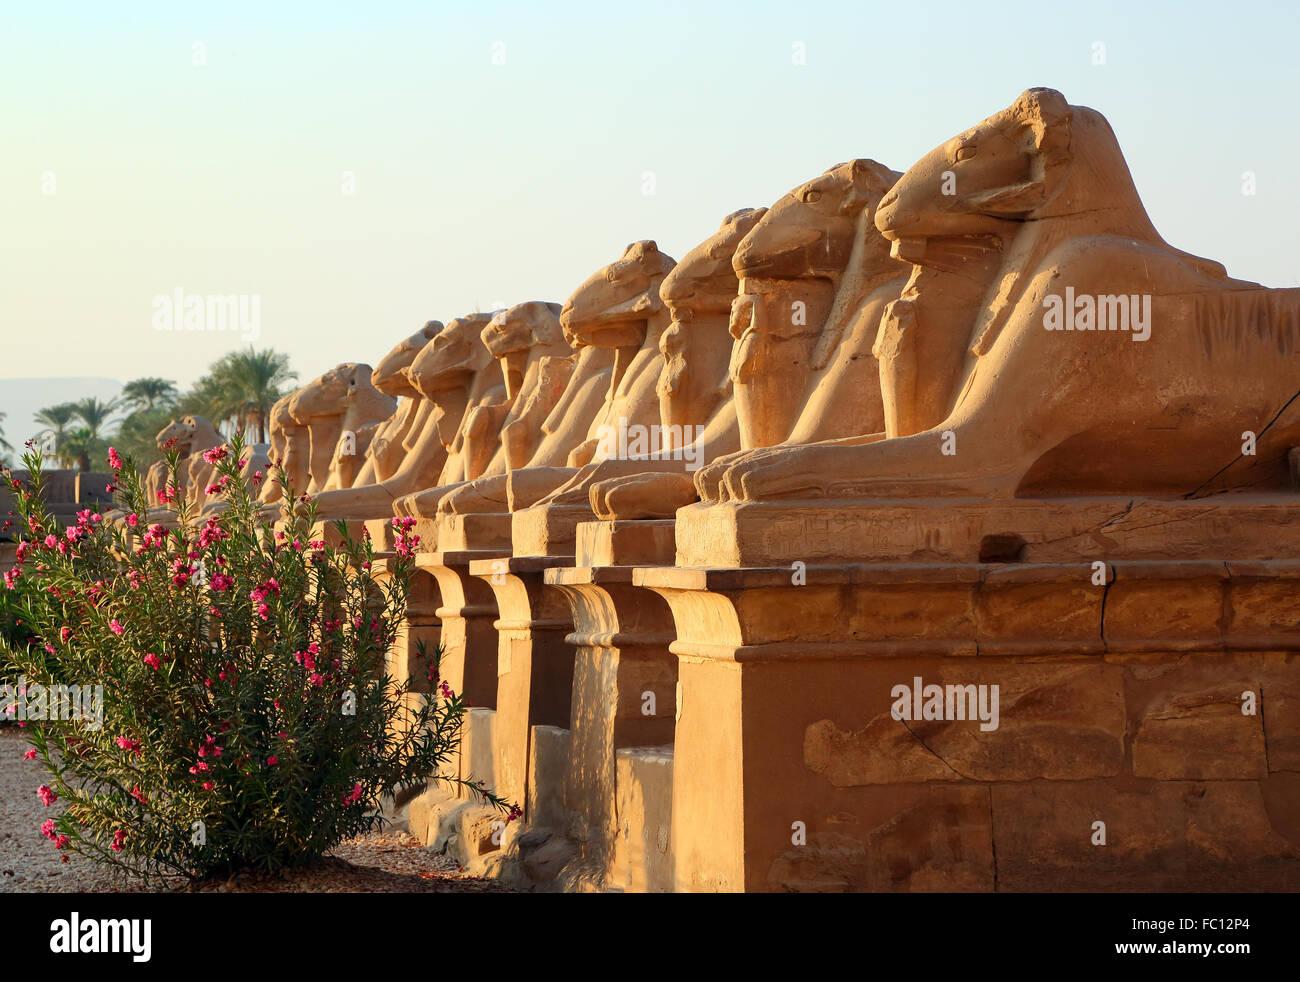 Egitto statue di Sphinx in tempio di Karnak Immagini Stock